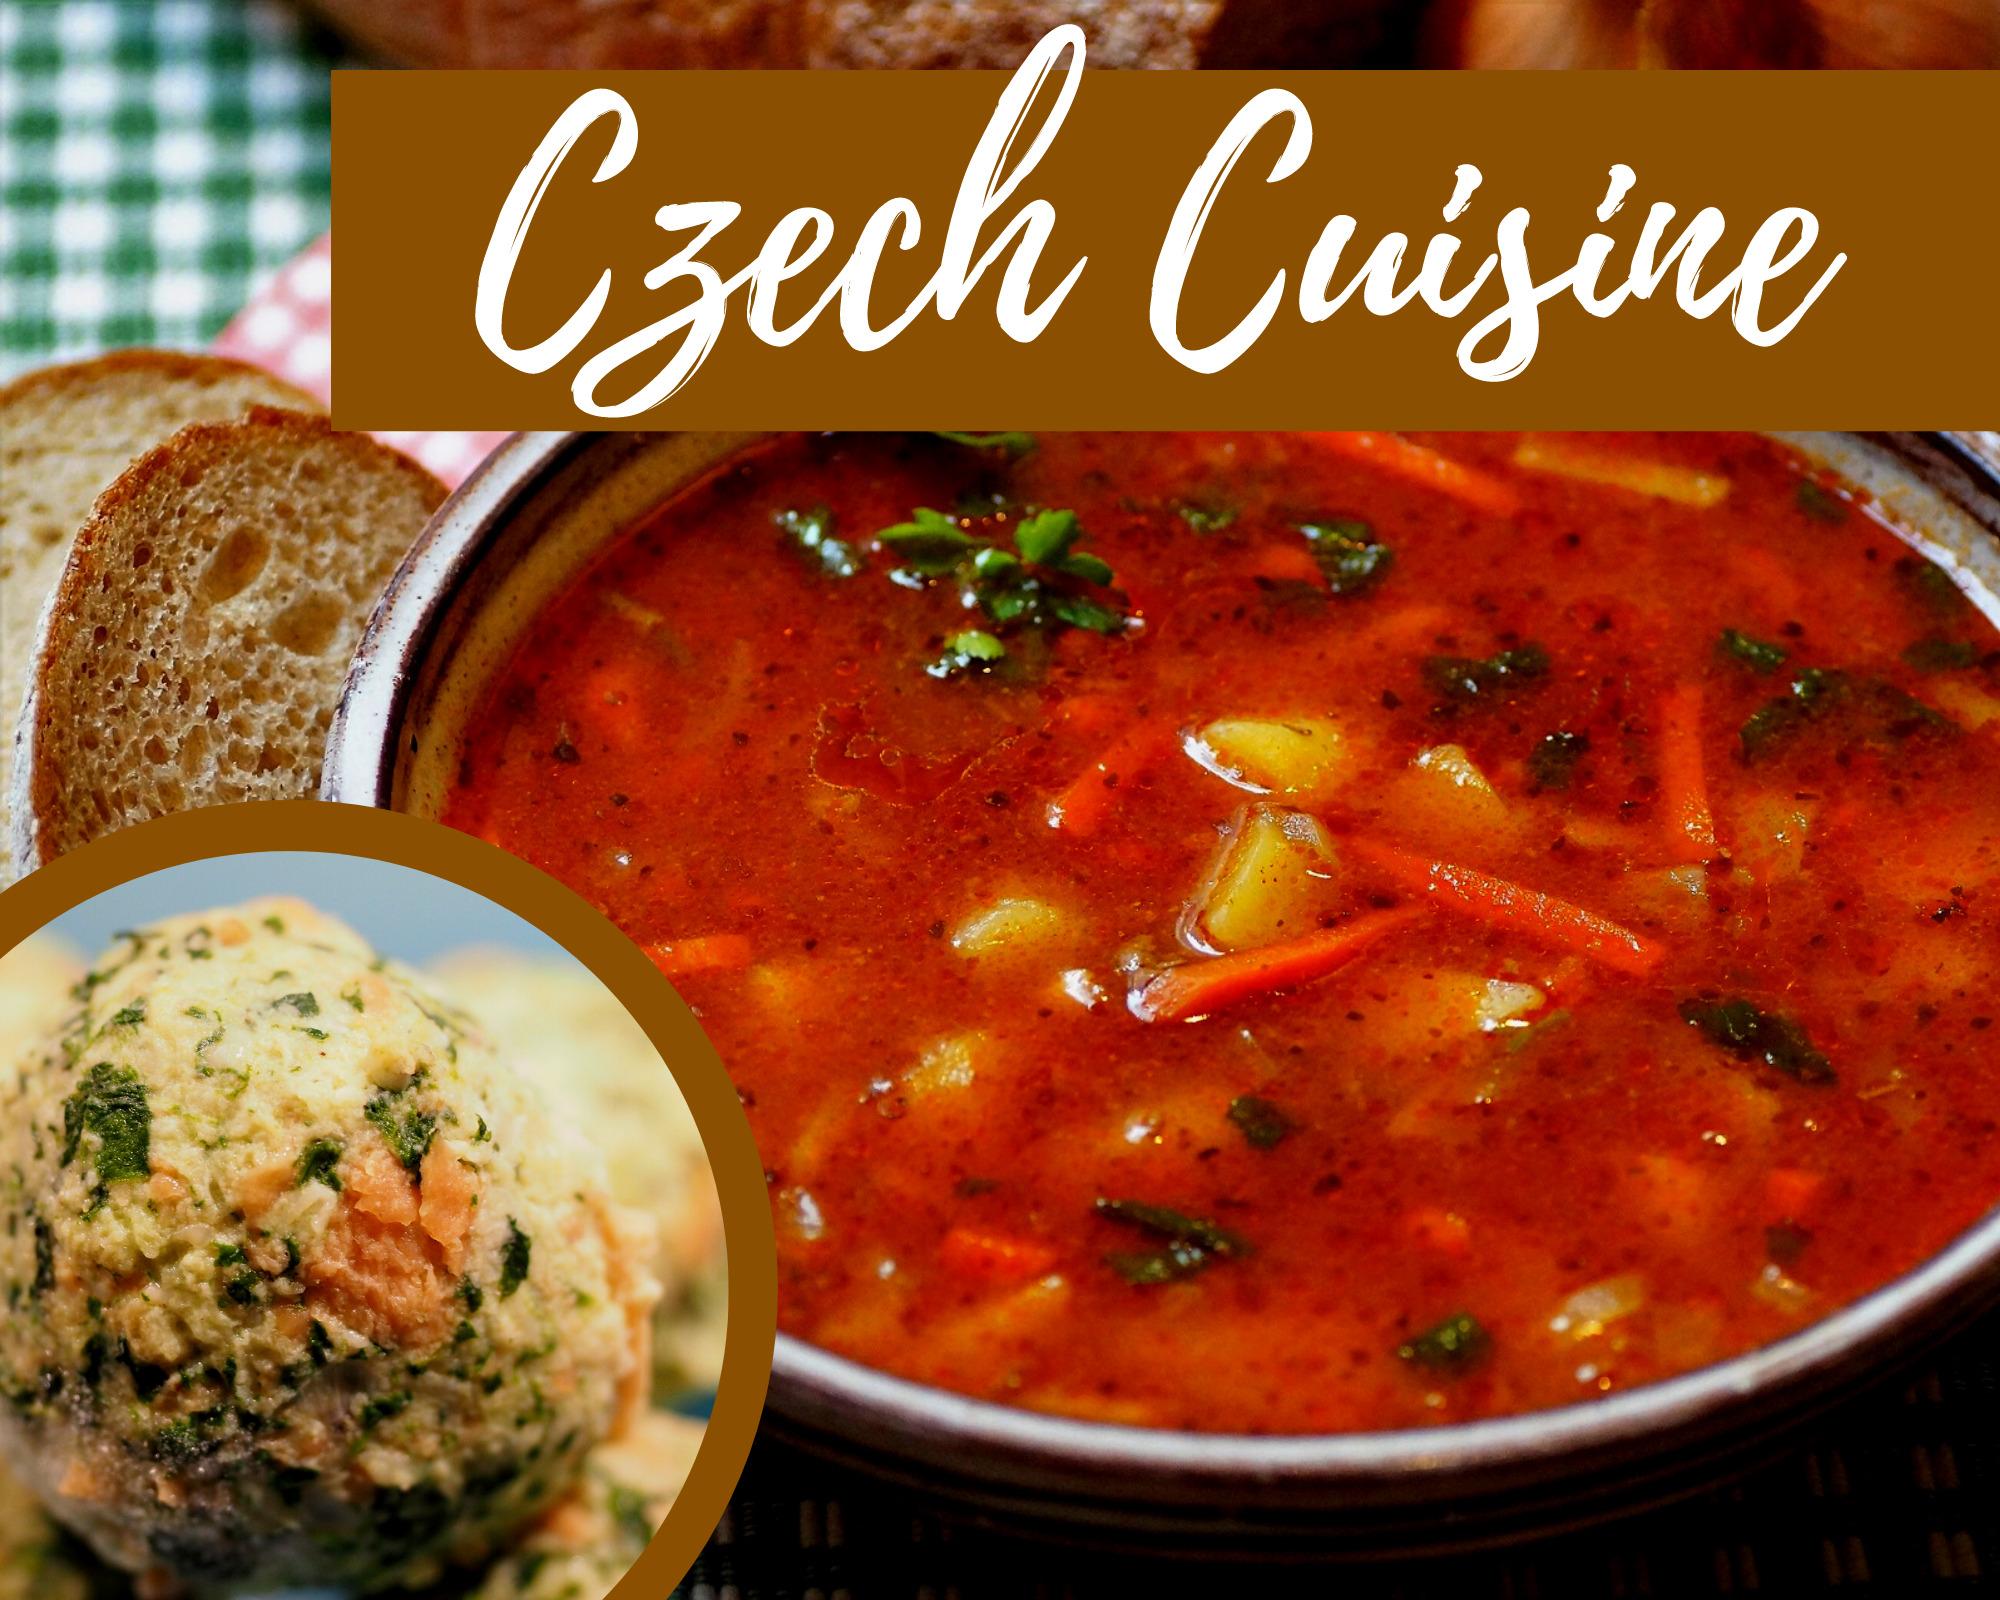 All about Czech Cuisine